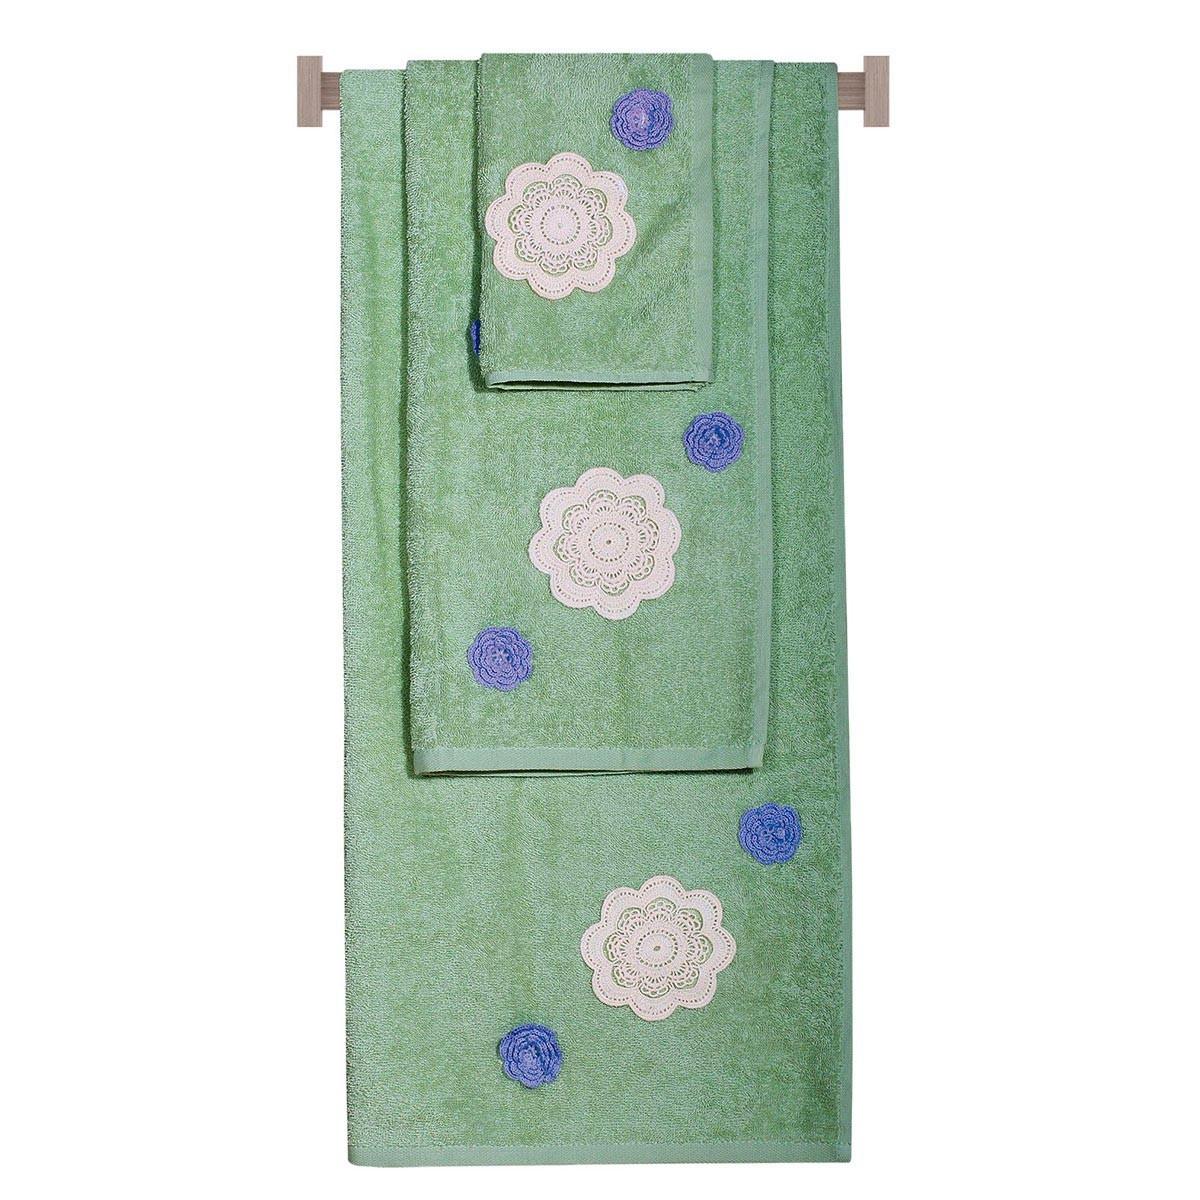 Πετσέτες Μπάνιου (Σετ) Das Home Daily 297